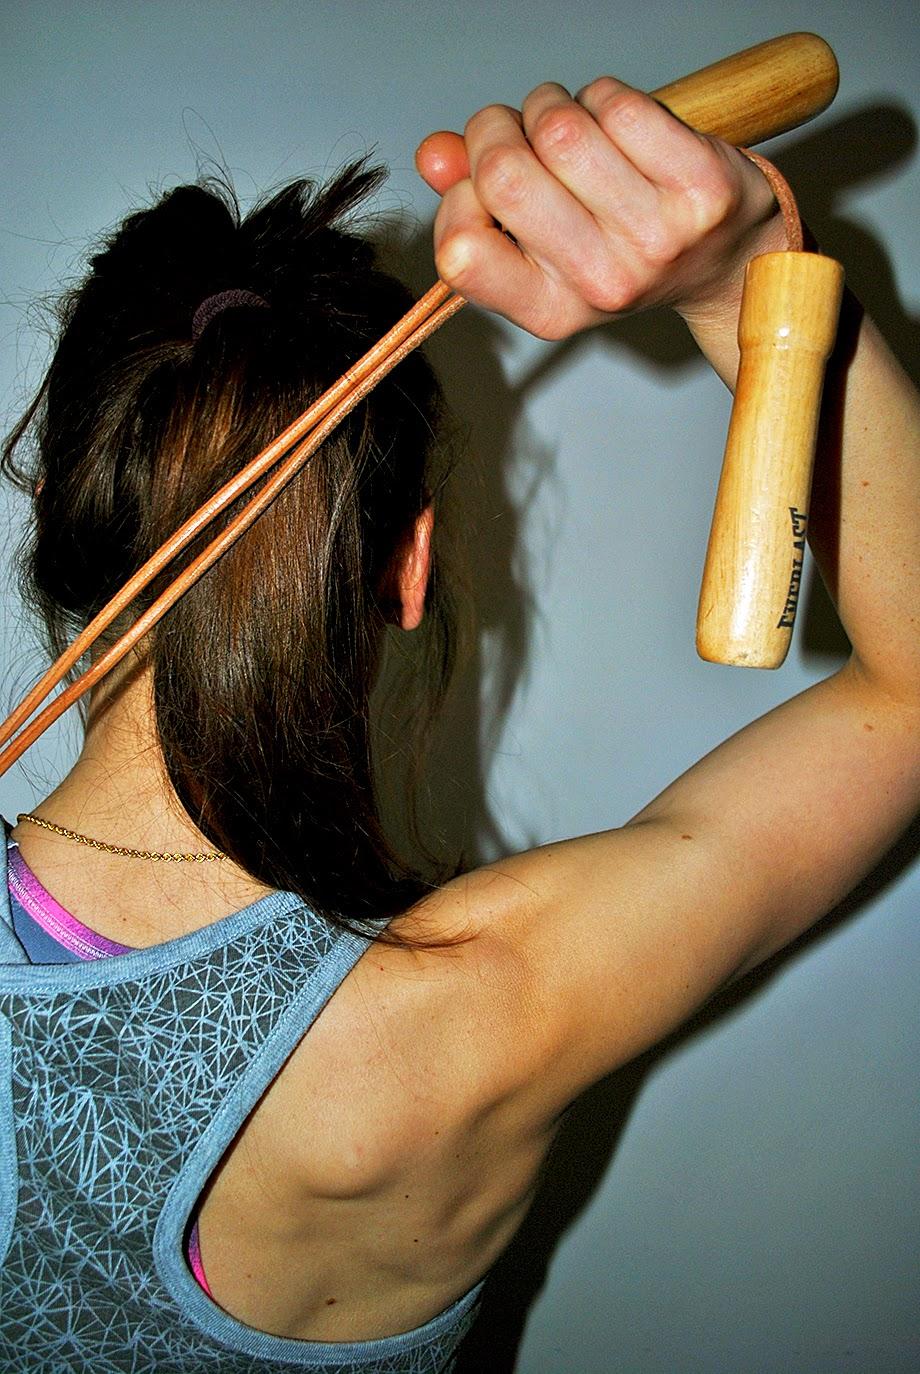 włosy a aktywność fizyczna